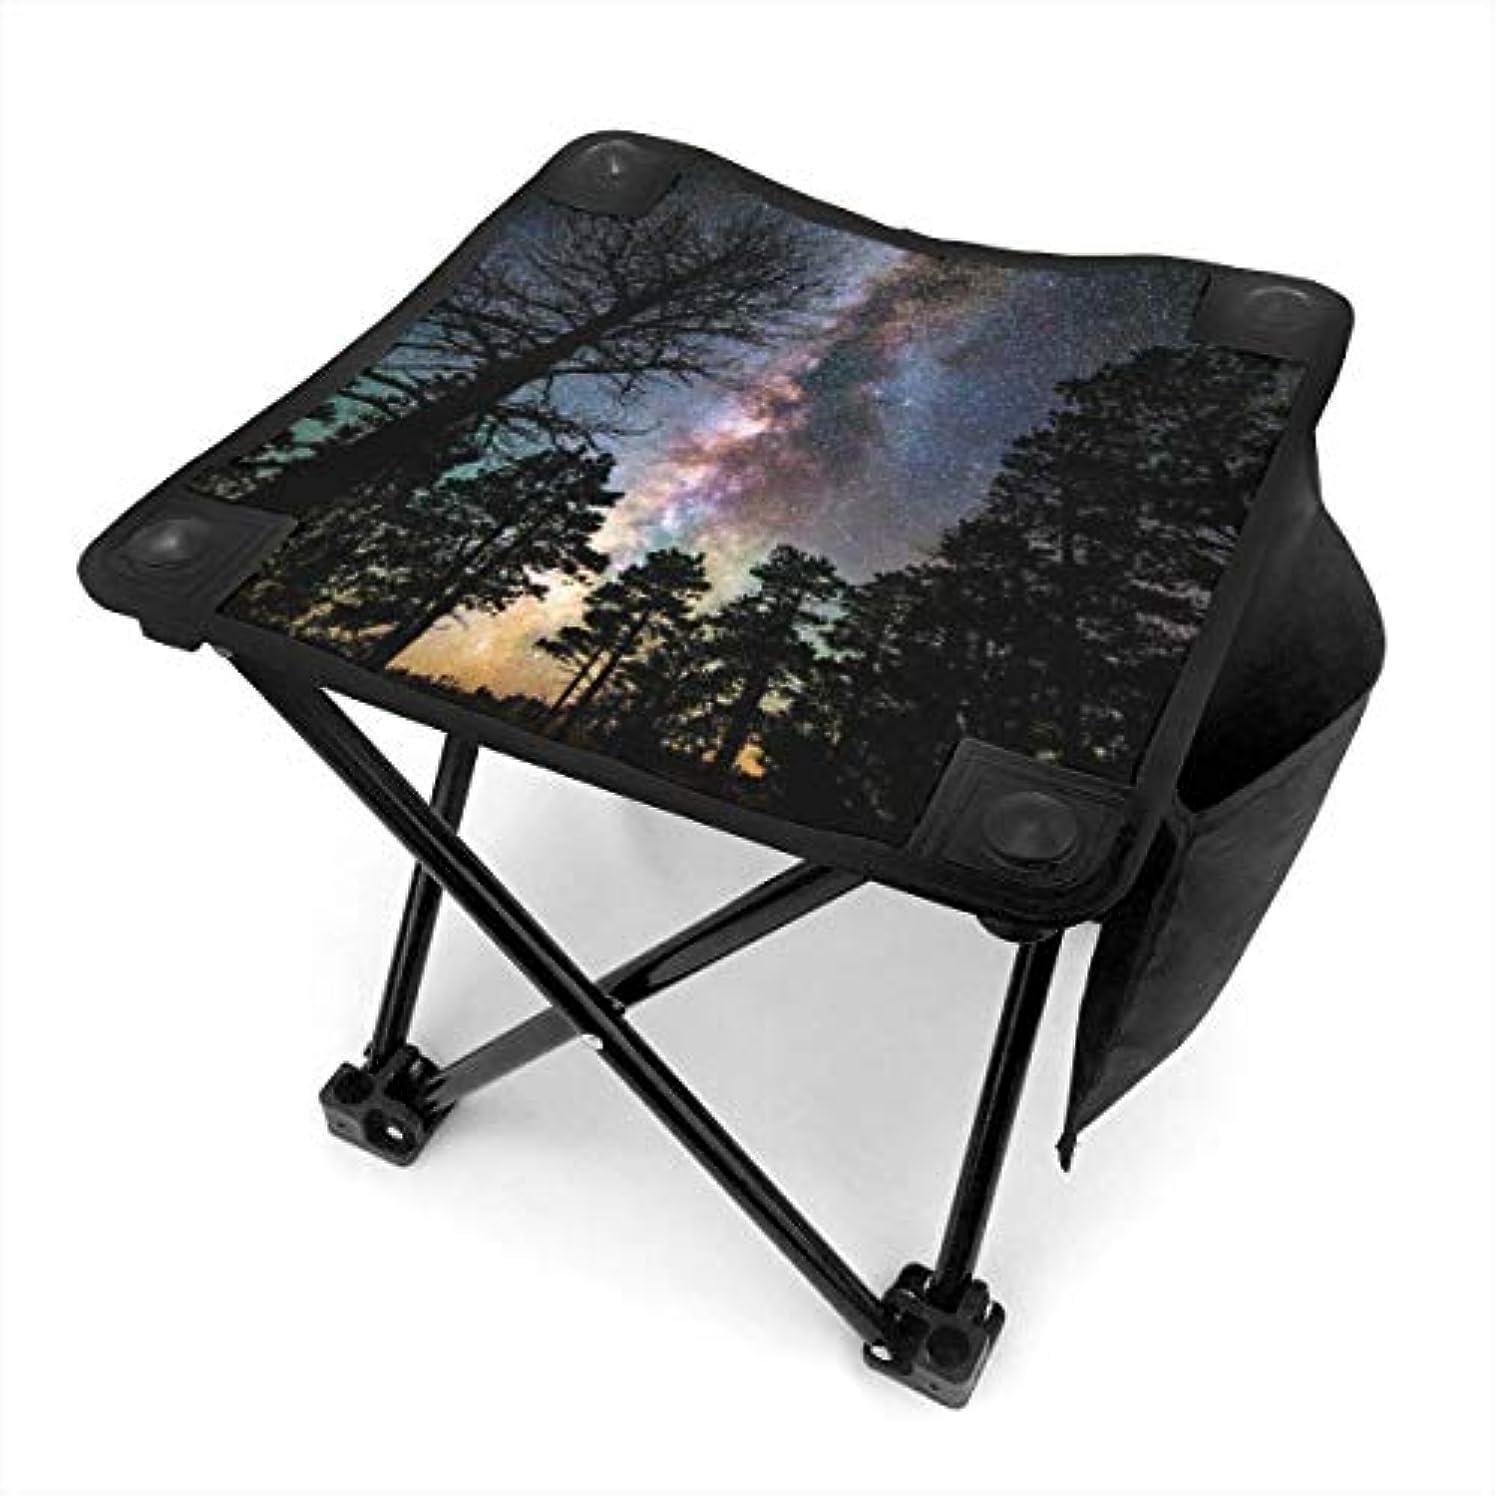 とらえどころのない興味大理石銀河 アウトドアチェア 折りたたみ椅子 コンパクトイス 軽量 耐荷重100kg 収納バック付き キャンプ バーベキュー 釣り 運動会 花見 キャンプ用品 チェアー 携帯用